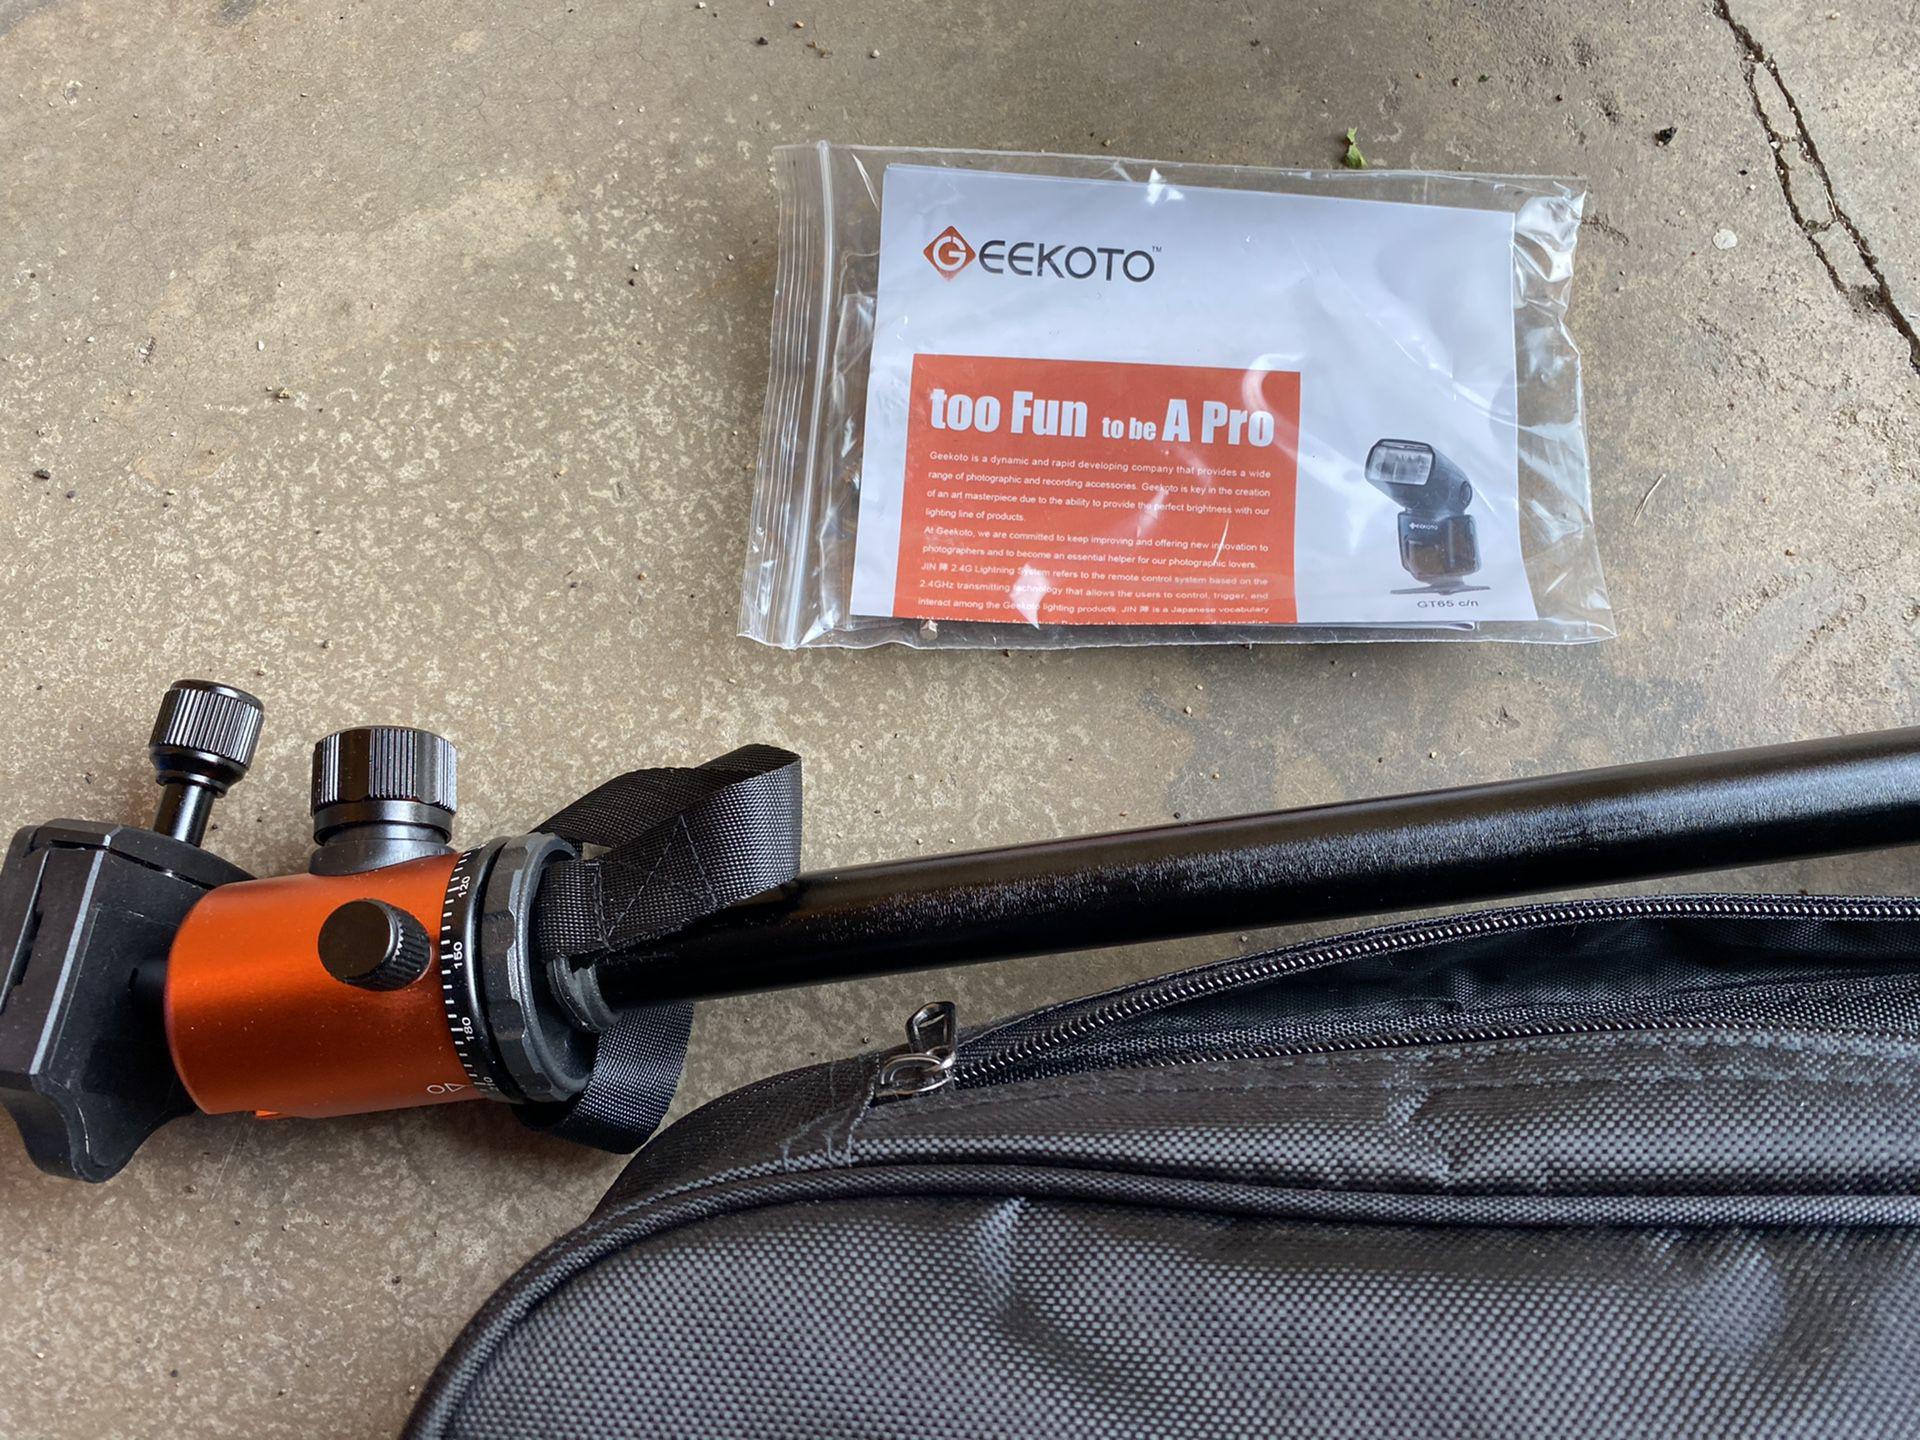 Geekoto dslr tripod and case